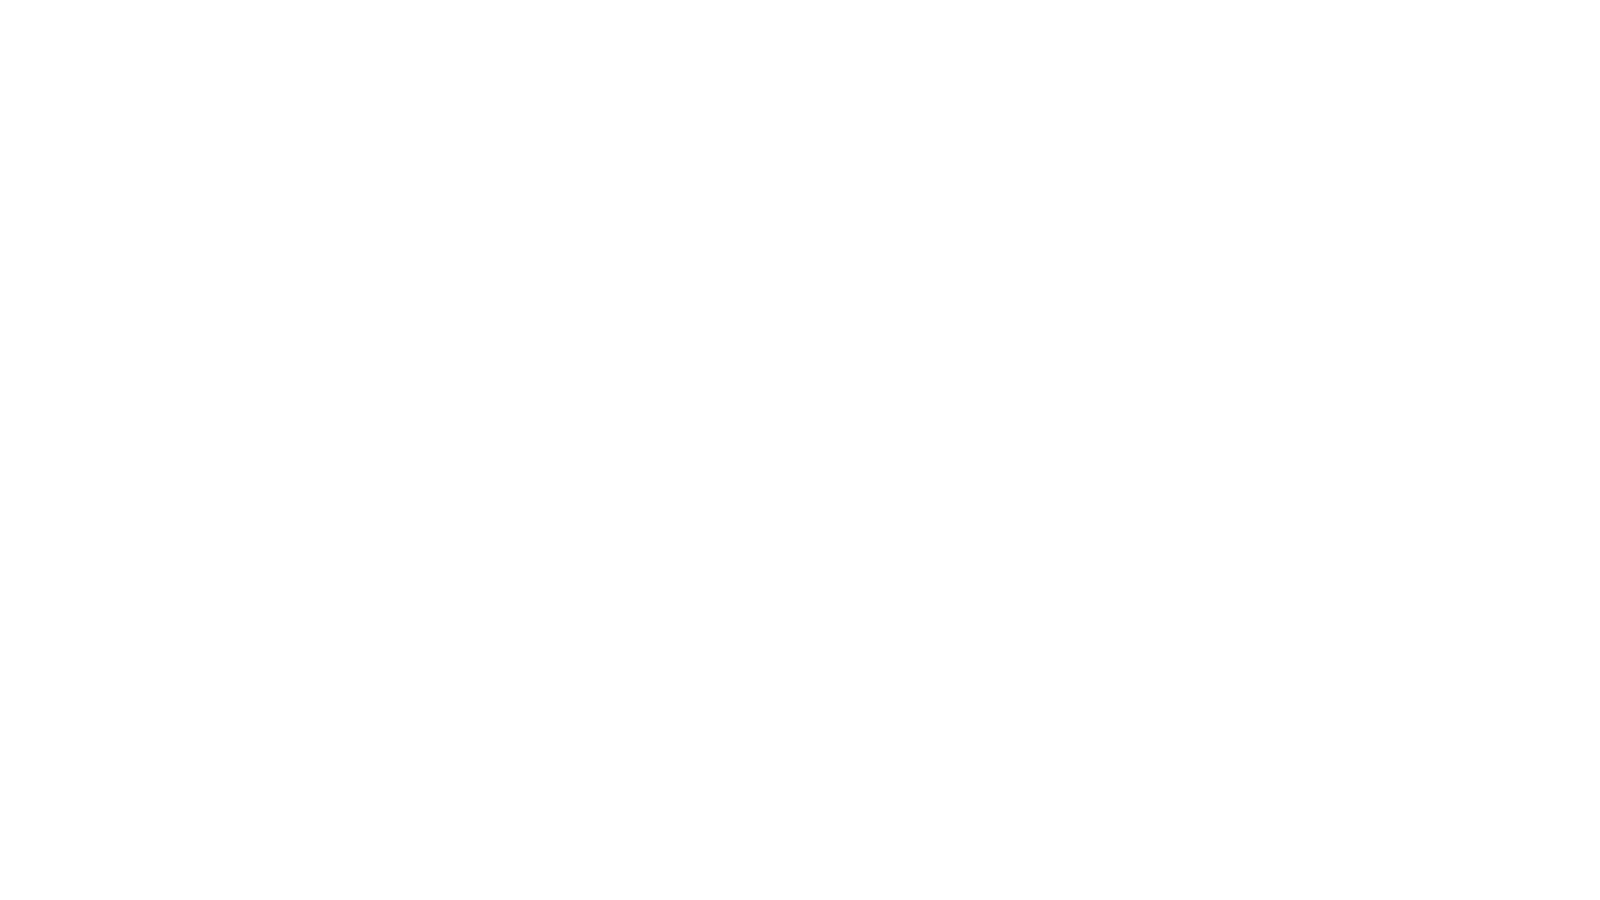 Naomi Fall, danseuse et chorégraphe a été en résidence du 15 au 19 mars 2021 dans nos murs. Elle y a préparé son nouveau spectacle The Love Solo, sur le fantasme exotisé de l'Amour.  The Love Solo est la première partie d'un triptyque de Naomi Fall qui questionne les rapports de pouvoir dans notre monde prétendument décolonisé. Que reste-t-il de la colonisation dans nos chairs? Cette performance poétique allie danse et texte pour interroger le couple par le prisme de différents points de vue sur l'Histoire coloniale. Ce solo parle de nos désirs d'Amour, de mise en relation avec le Monde, de notre solitude face à la violence qui s'immisce dans les rapports humains…  Et surtout, de notre besoin d'Amour intarissable.    ➡ Plus d'informations sur le projet  : https://www.maifsocialclub.fr/actualites/naomi-fall-en-residence/ ➡ Biographie Naomi Fall  : https://programmation.maifsocialclub.fr/intervenants/naomi-fall/  MAIF Social Club 📍 Entrée libre – 37 rue de Turenne, Paris 3ème   Suivez MAIF Social Club sur les réseaux sociaux ! Facebook : https://www.facebook.com/MaifSocialClub/ Instagram : https://www.instagram.com/maifsocialclub/ Twitter : https://twitter.com/msc_officiel